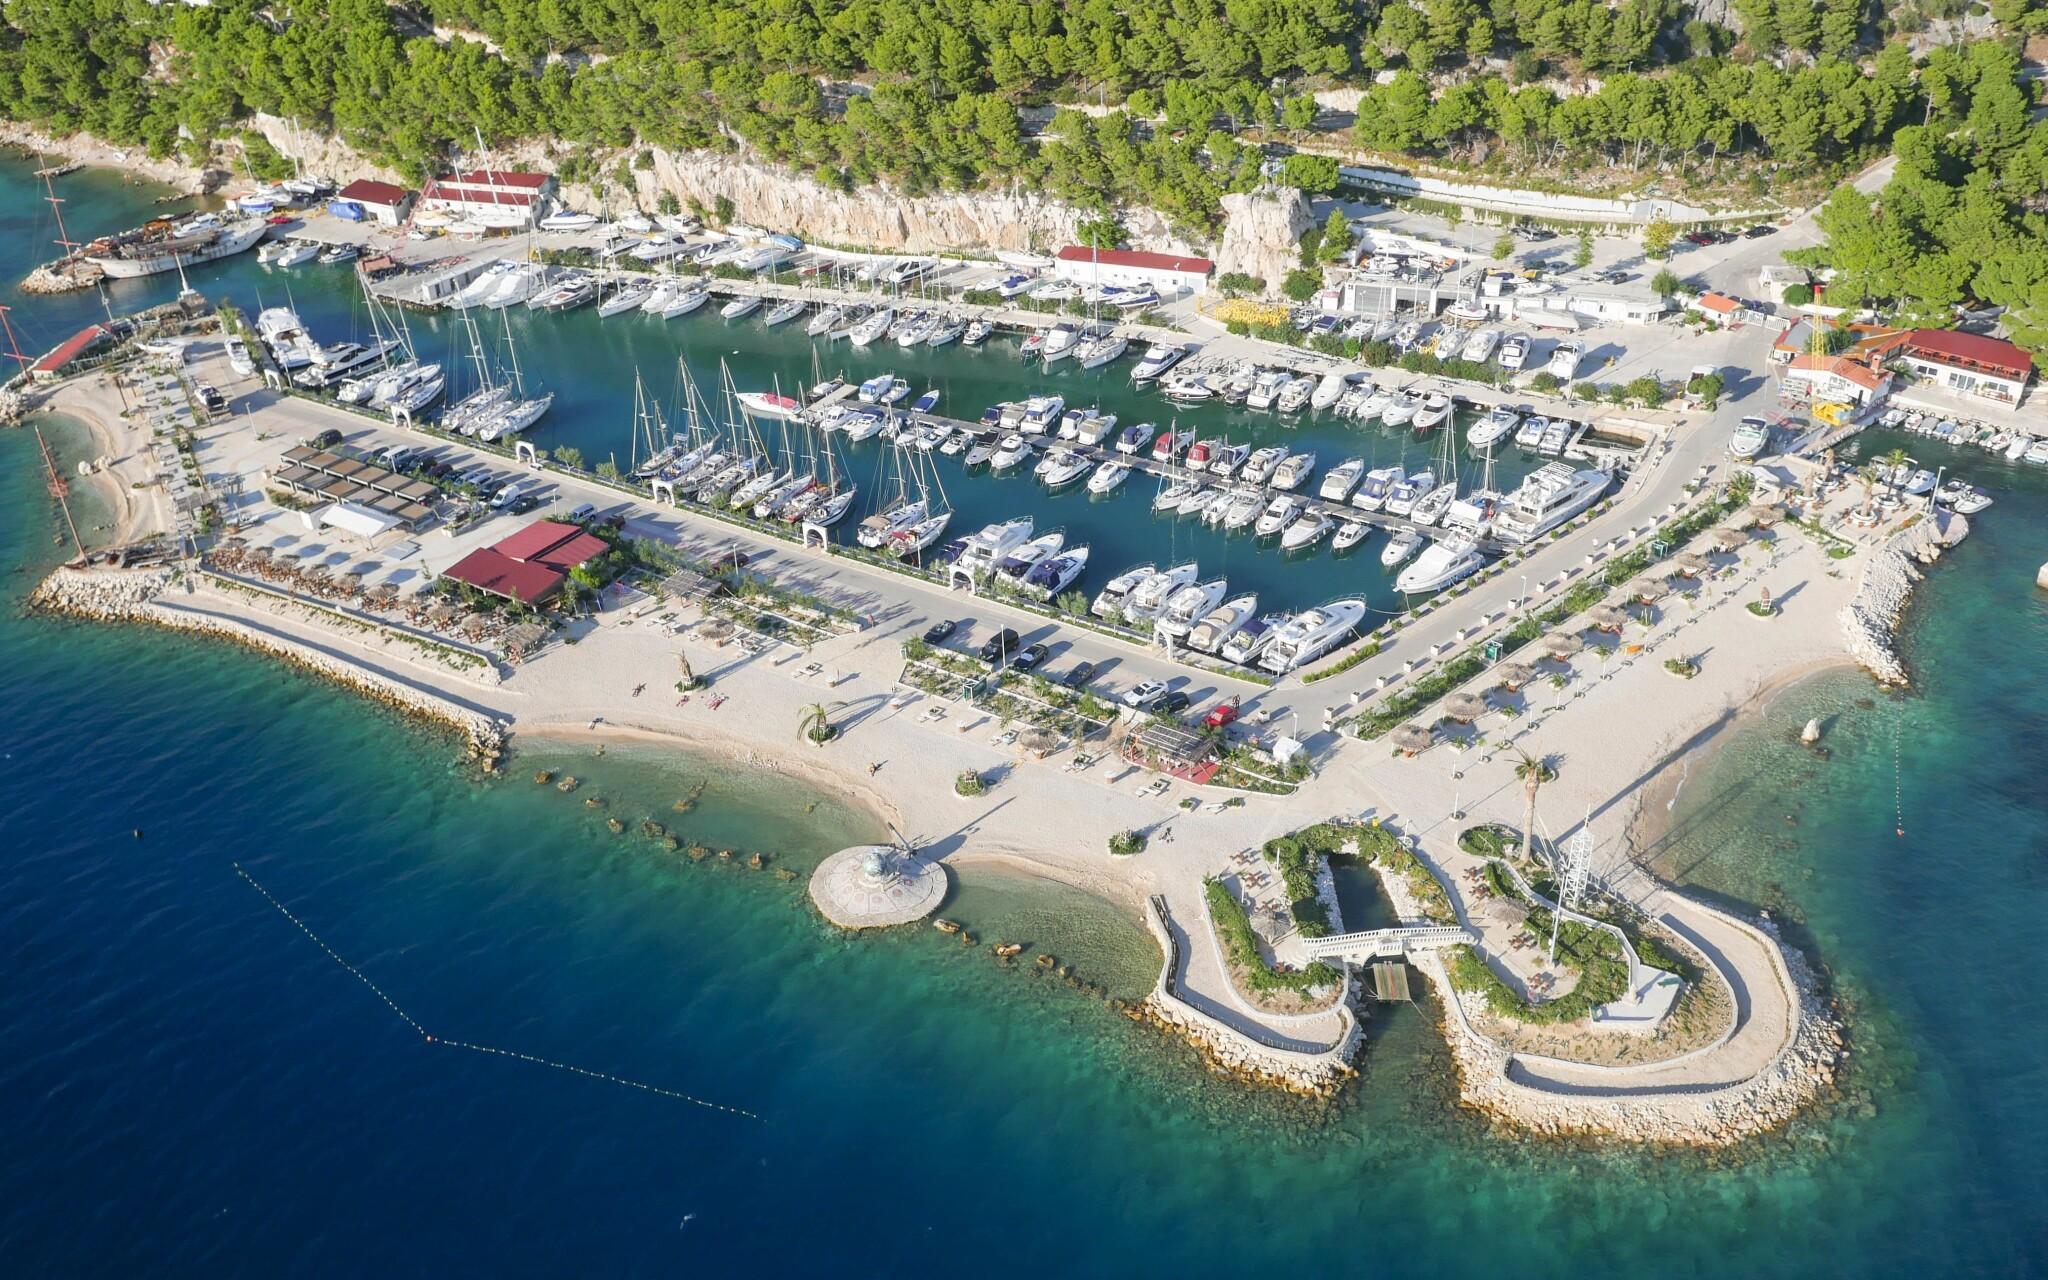 Prístav v Krkavici na Makarskej riviére, Chorvátsko